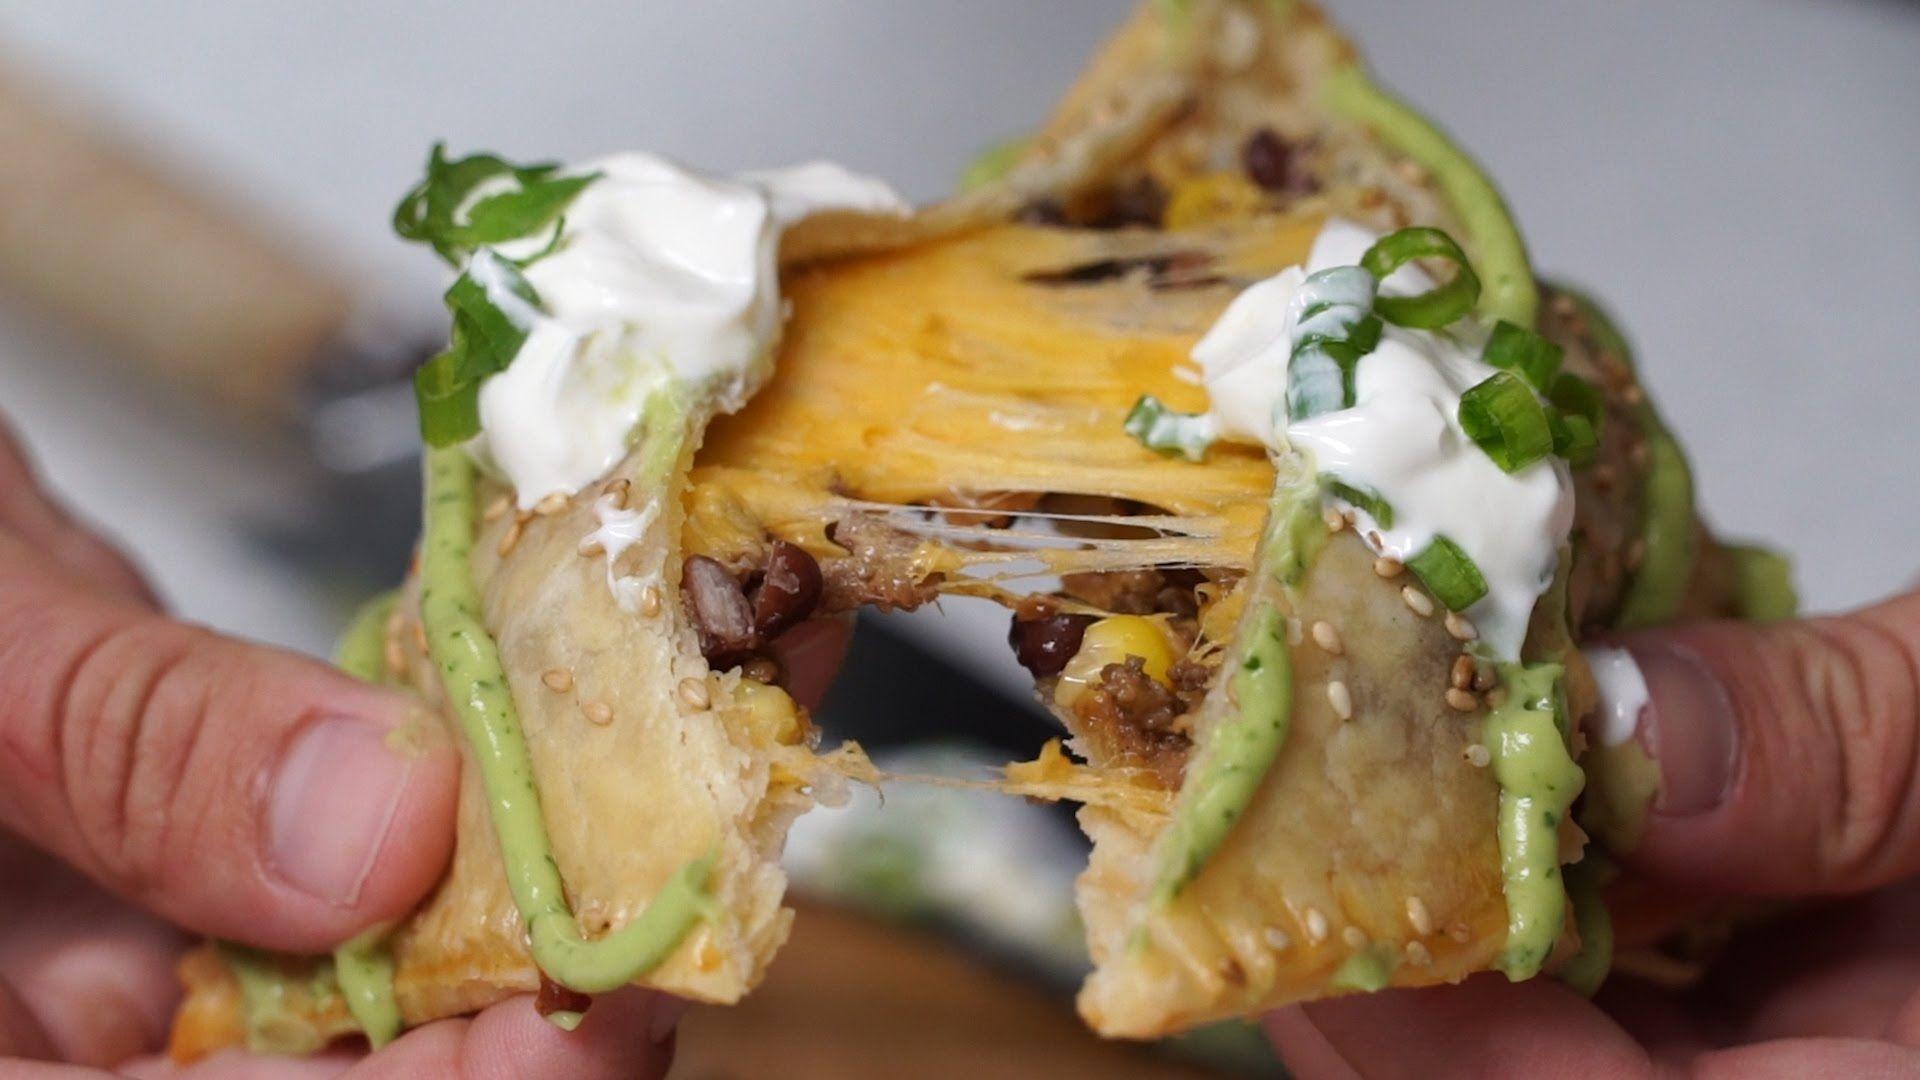 Comment faire des tacos trendy comment faire des tacos - Comment faire des tortillas ...